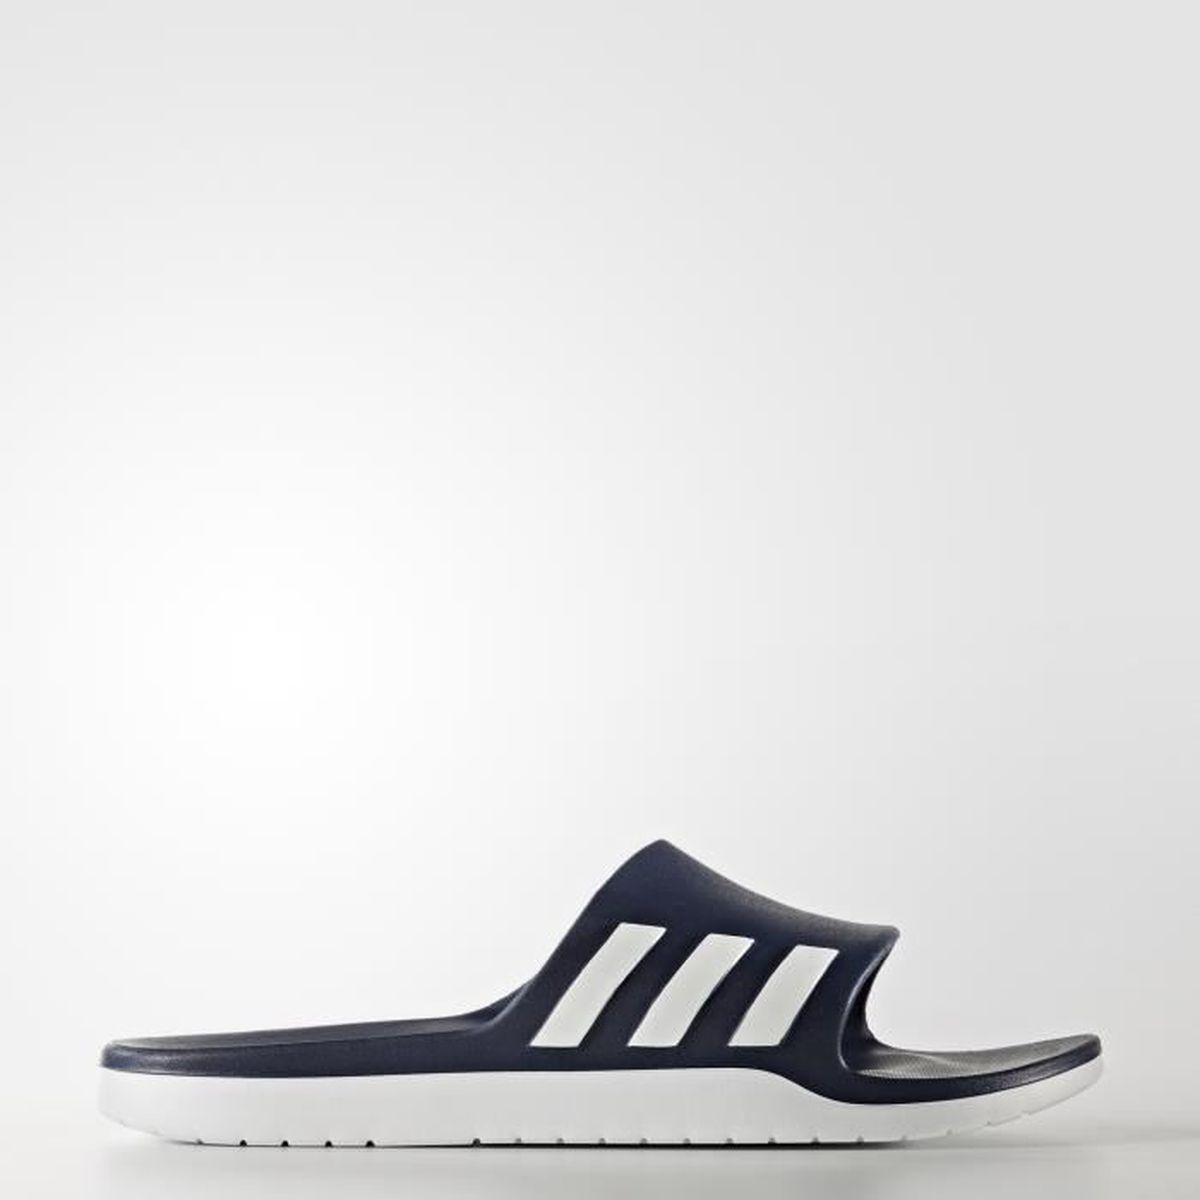 buy online 7d5dc fe1dc BALLON DE WATER-POLO Sandales adidas Aqualette Cloudfoam - bleu marine